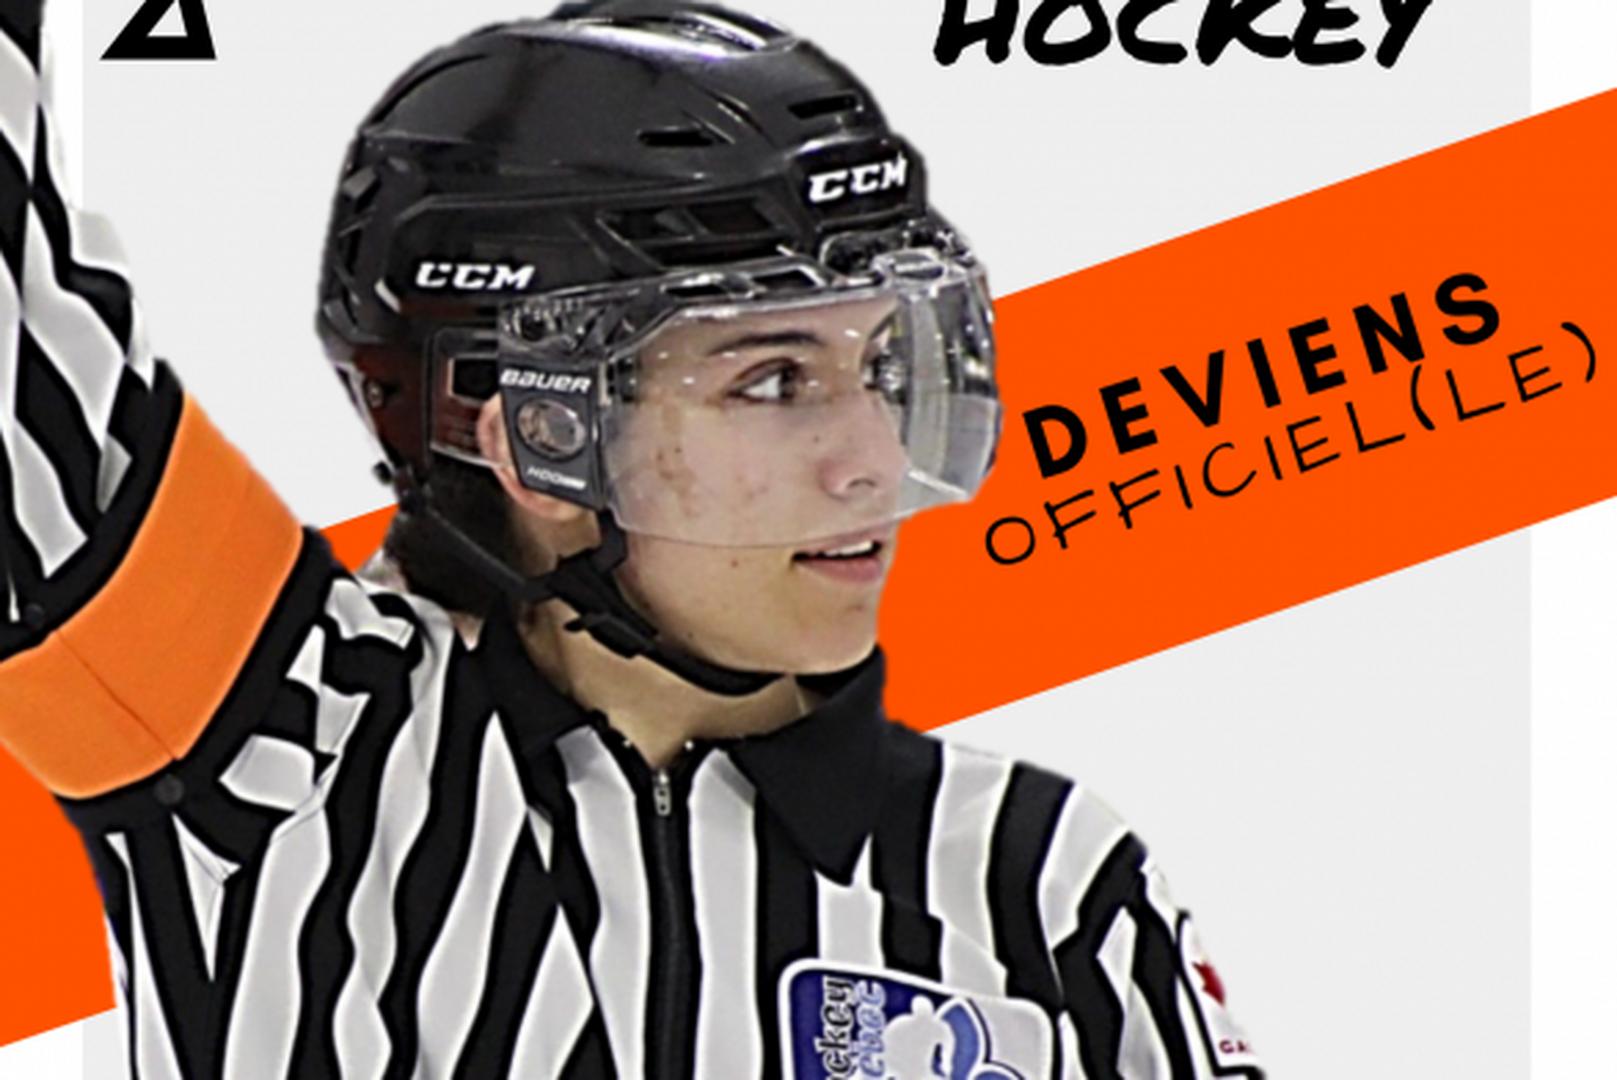 Les officiels de Laval recrutent!